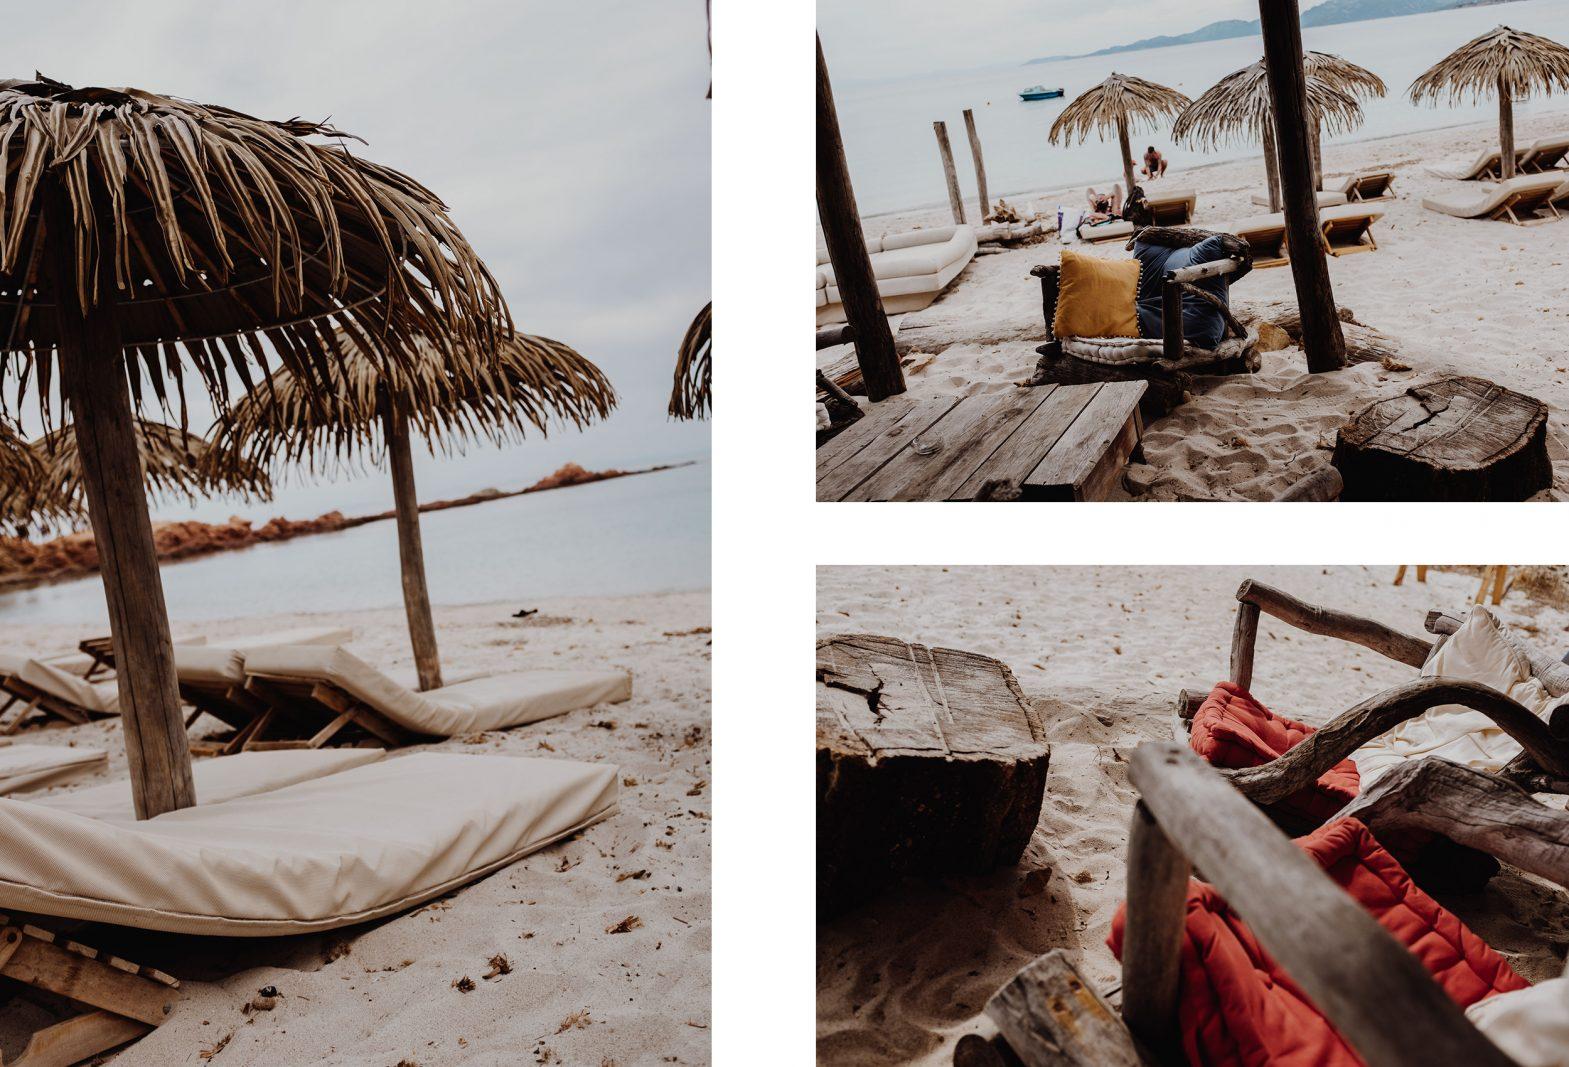 Photos & bonnes adresses Corse du Sud. Easyjet. L'oeil de Noémie, blogueuse voyage et photographe. Belles photos de Corse du Sud.